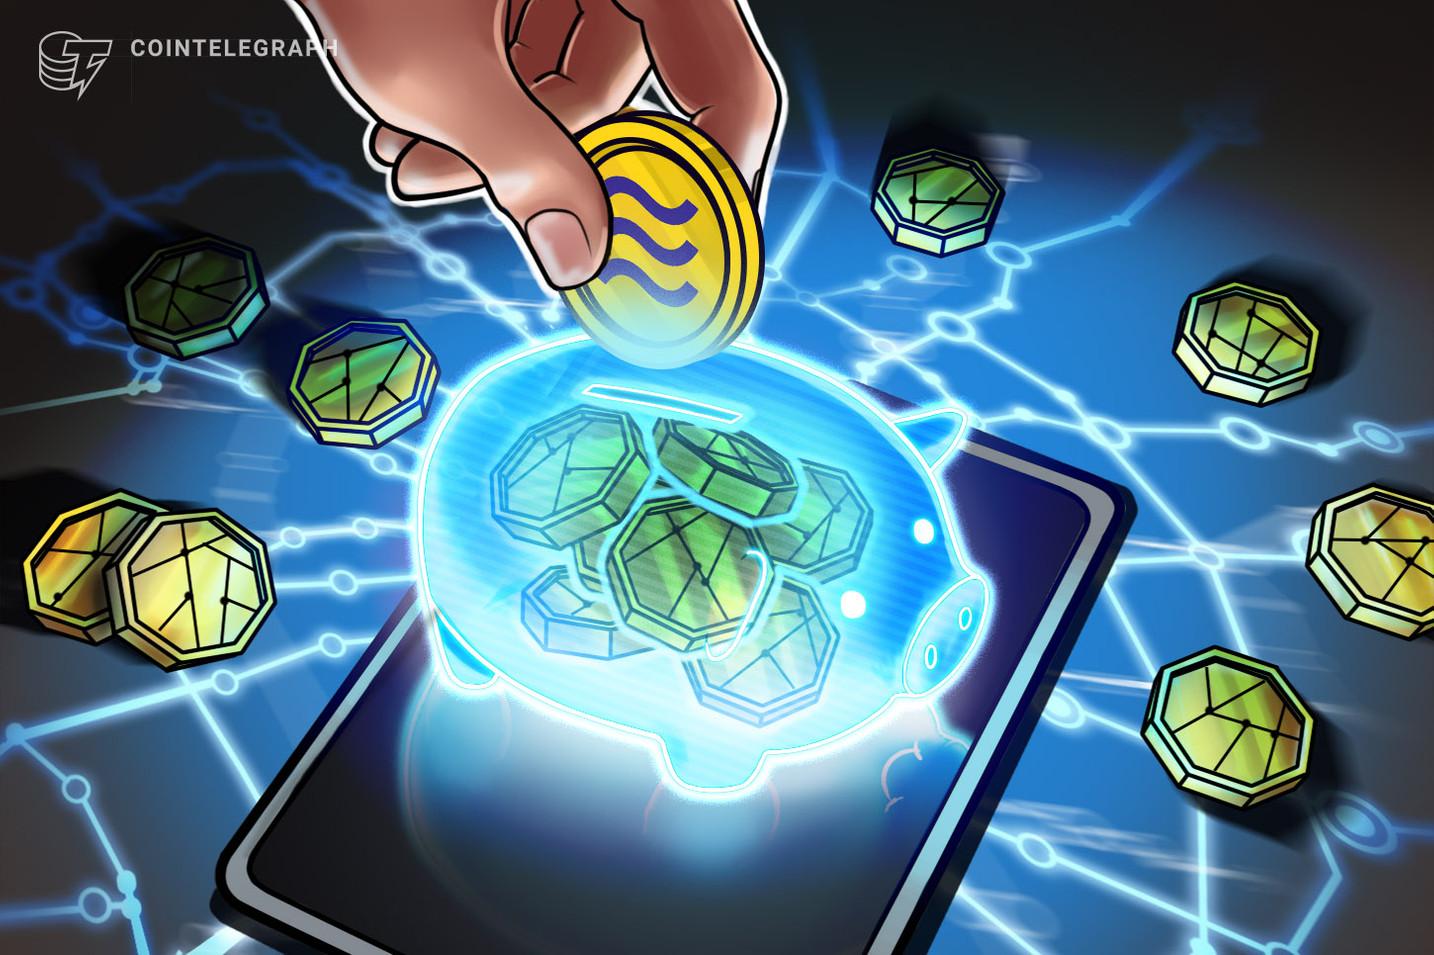 Relatório indica que 0,023% das wallets controlam mais de 50% de todo o Bitcoin já emitido no mundo